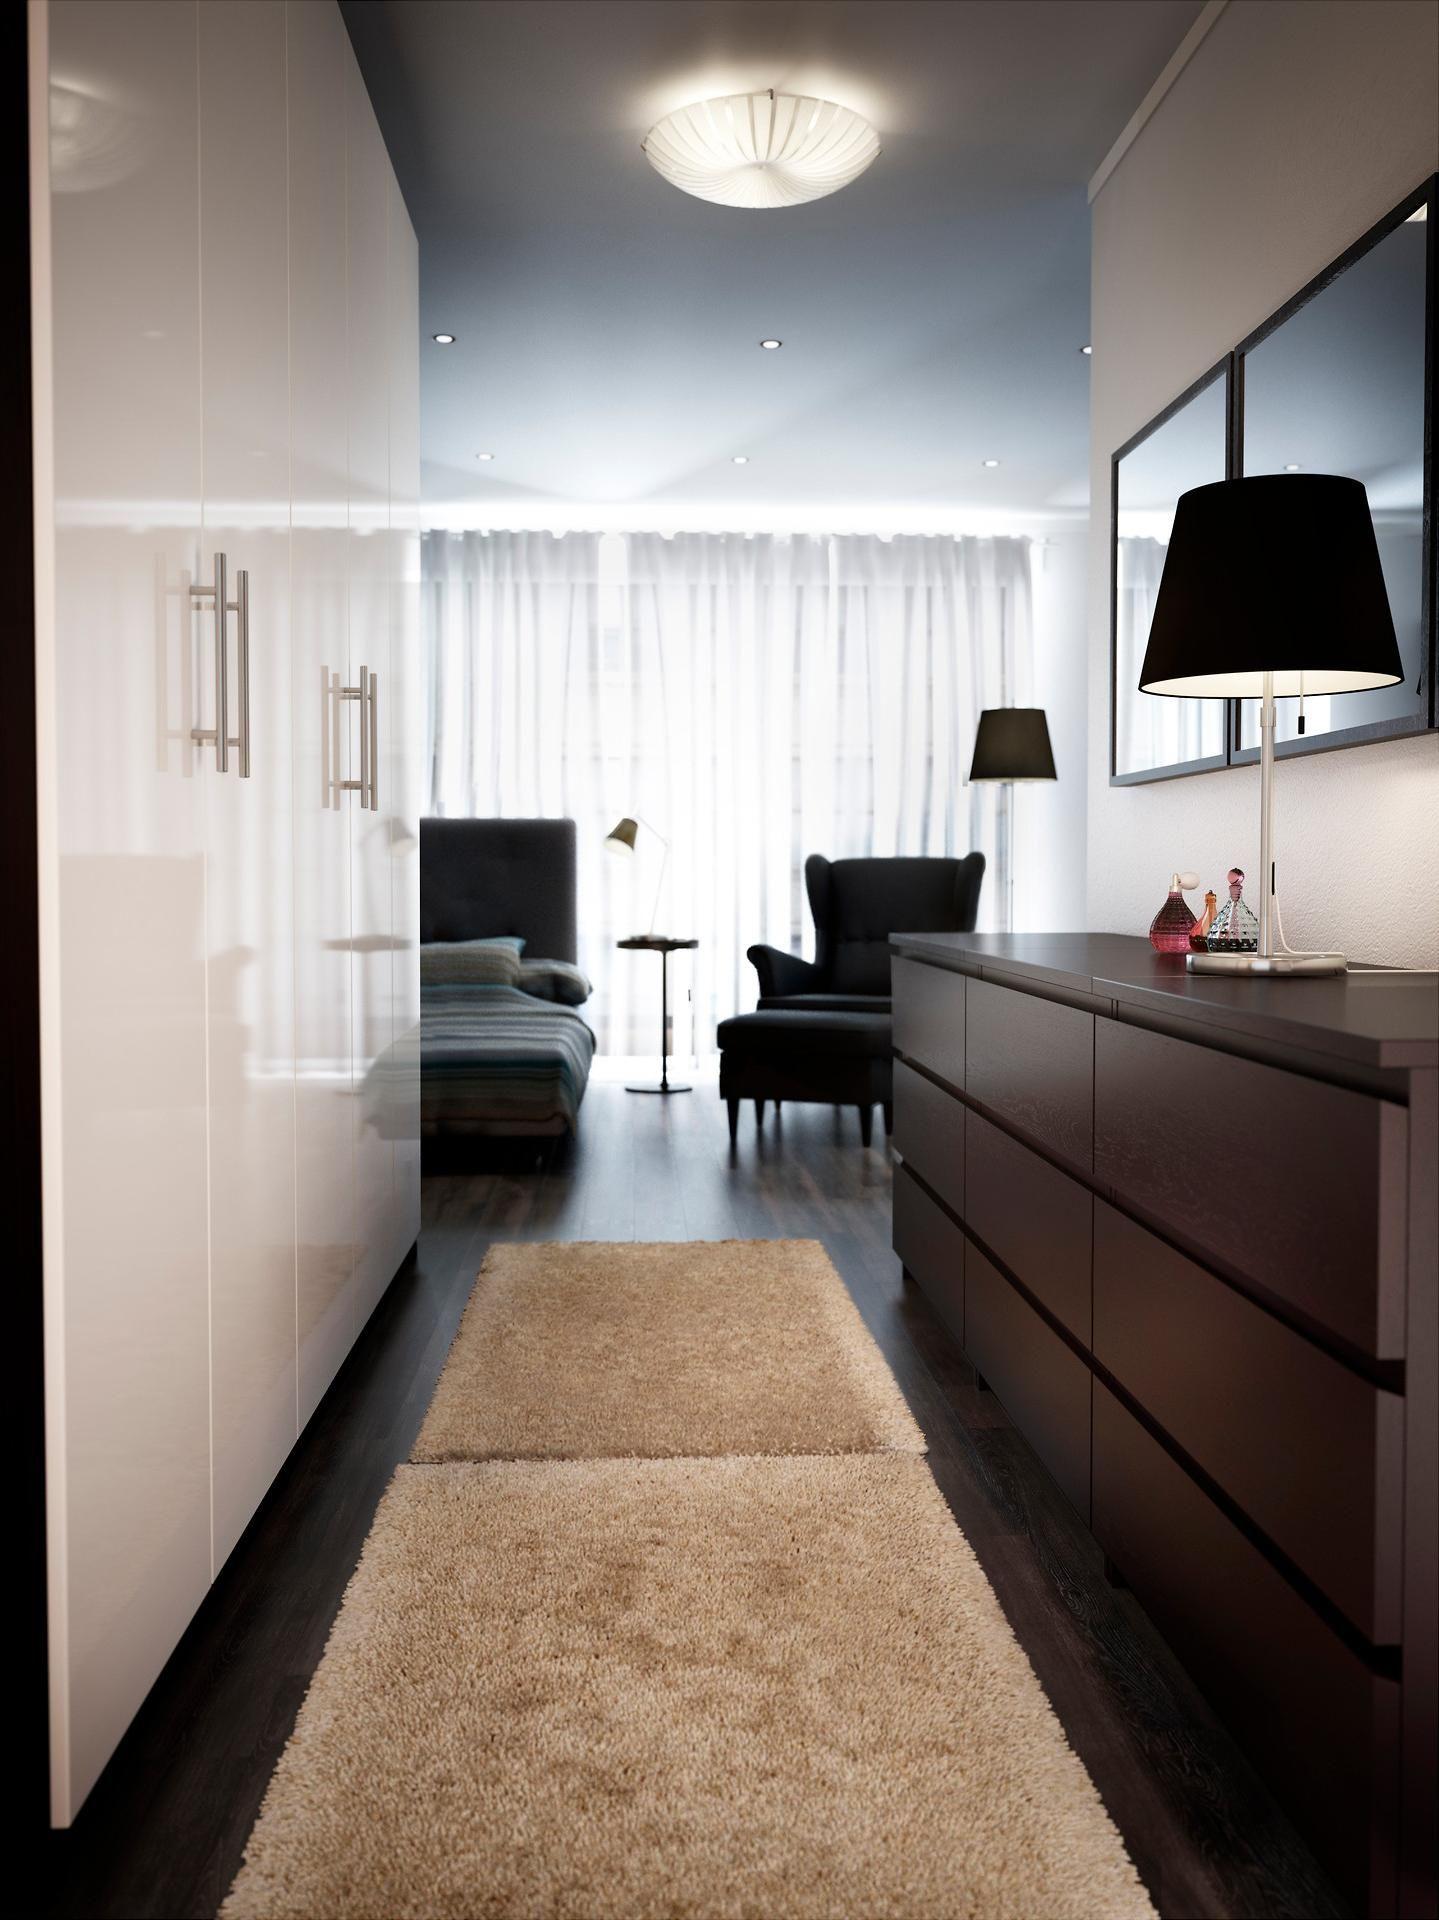 66a075bfe2f6f55ab7ae06fb2f20b099 Luxe De Table Basse Convertible Ikea Des Idées